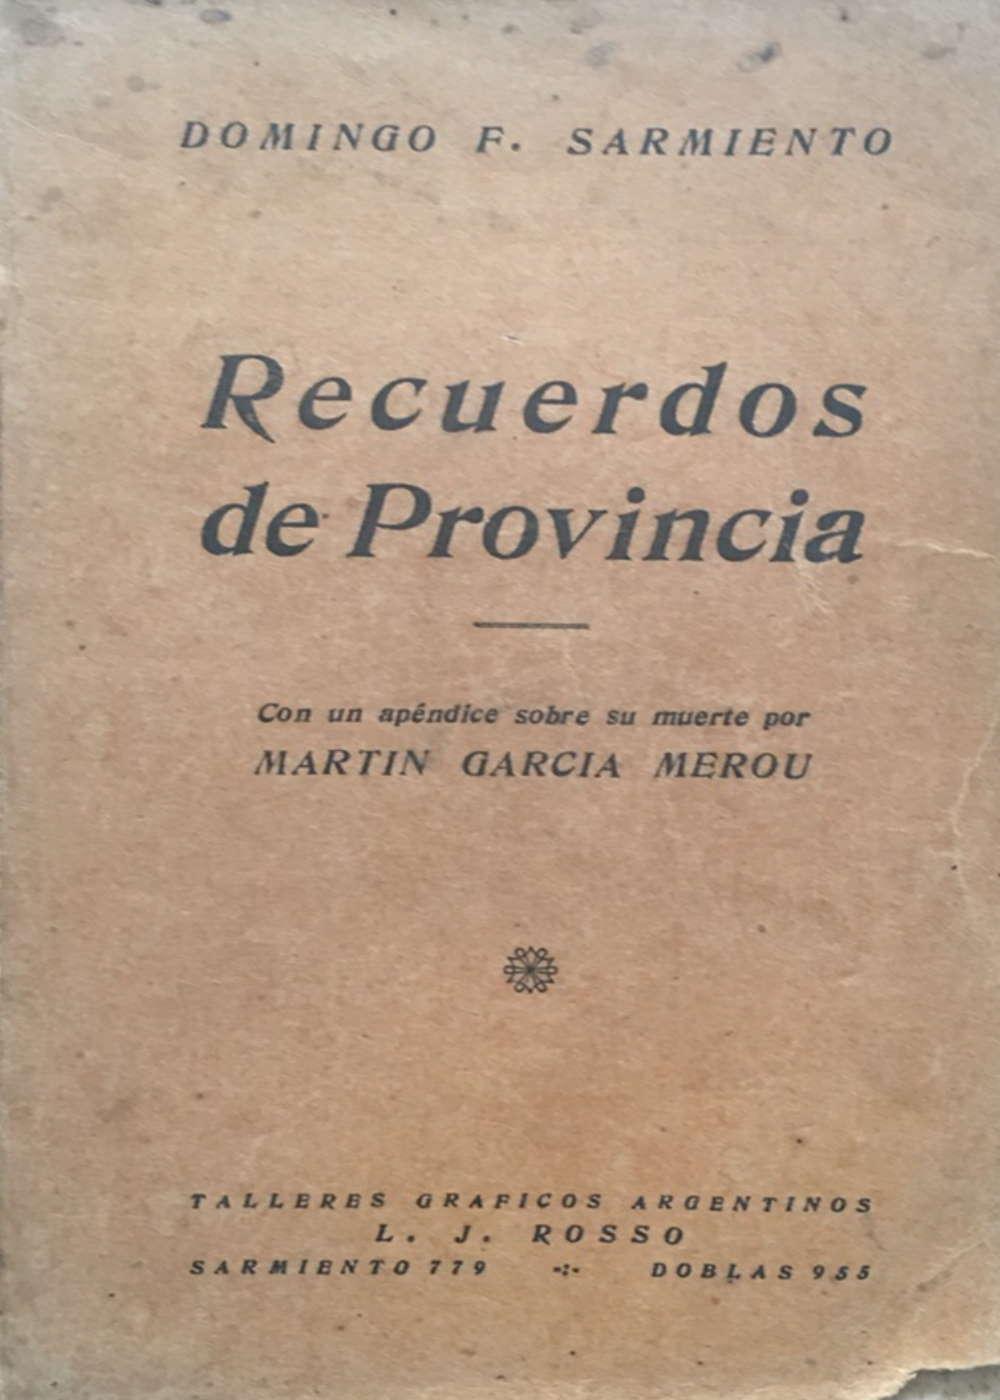 Recuerdos de Provincia